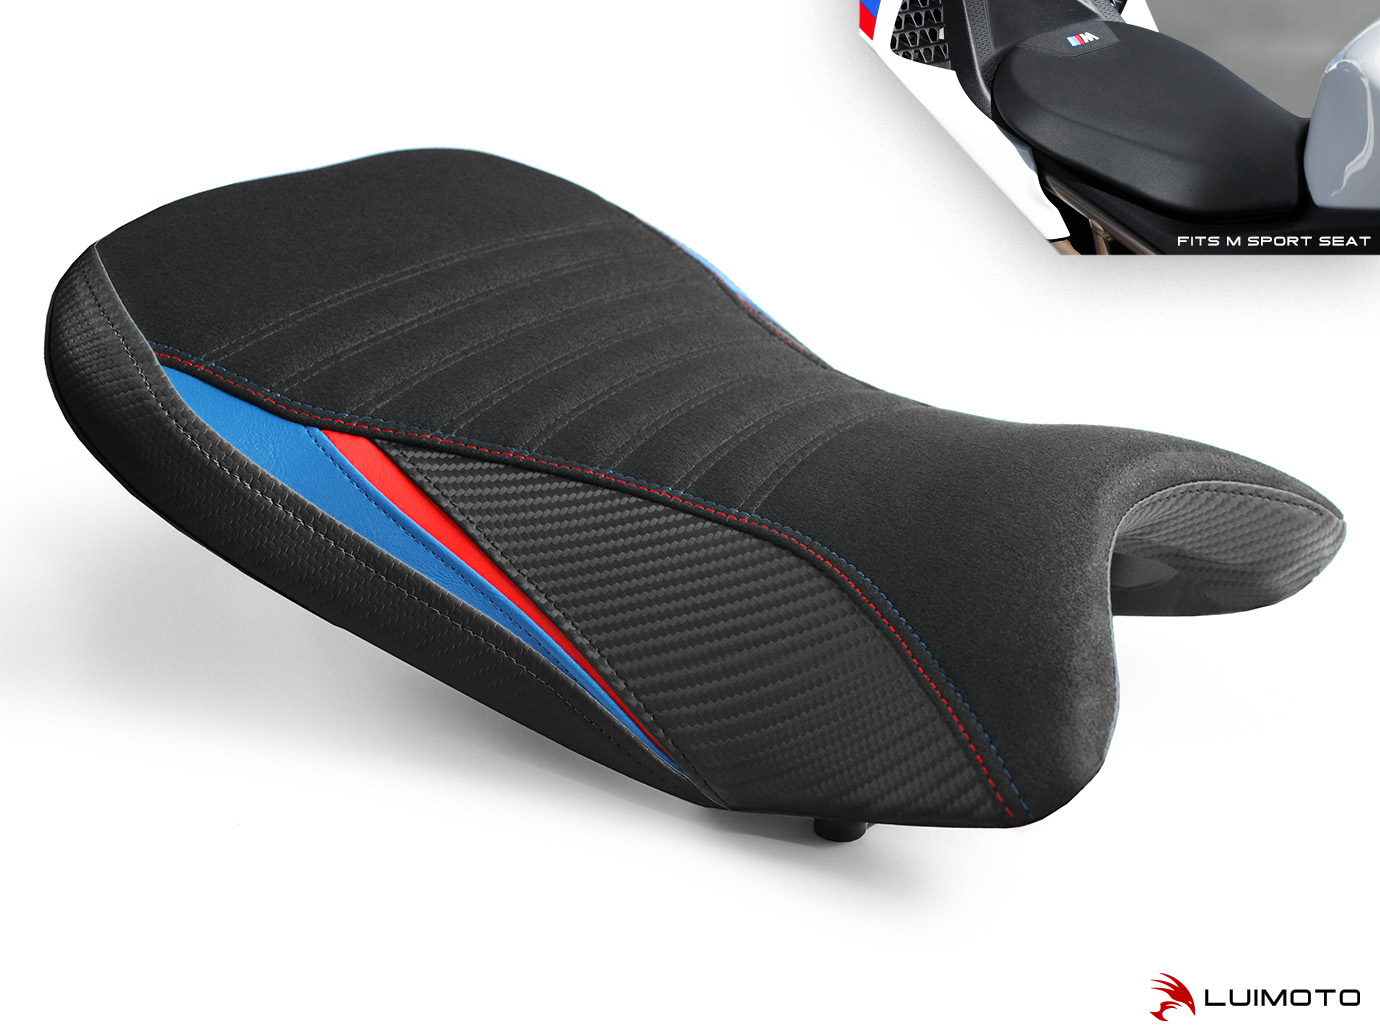 LUIMOTO(ルイモト) Motorsports/フロントシートカバー BMW S1000RR Mパッケージ 19-